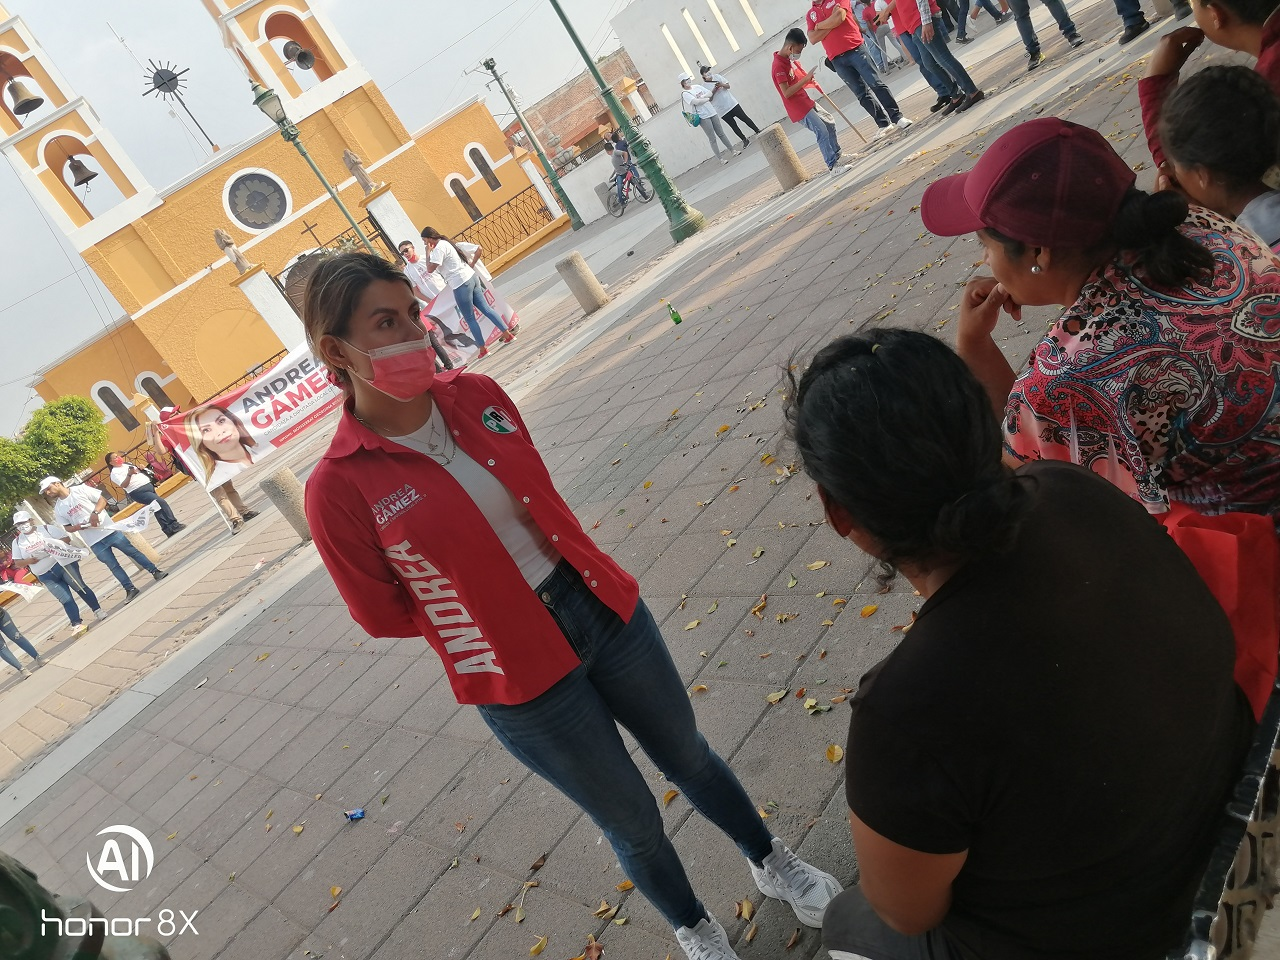 Oportunidades reales para jóvenes, para evitar riesgo de adicciones:   Andrea Gámez